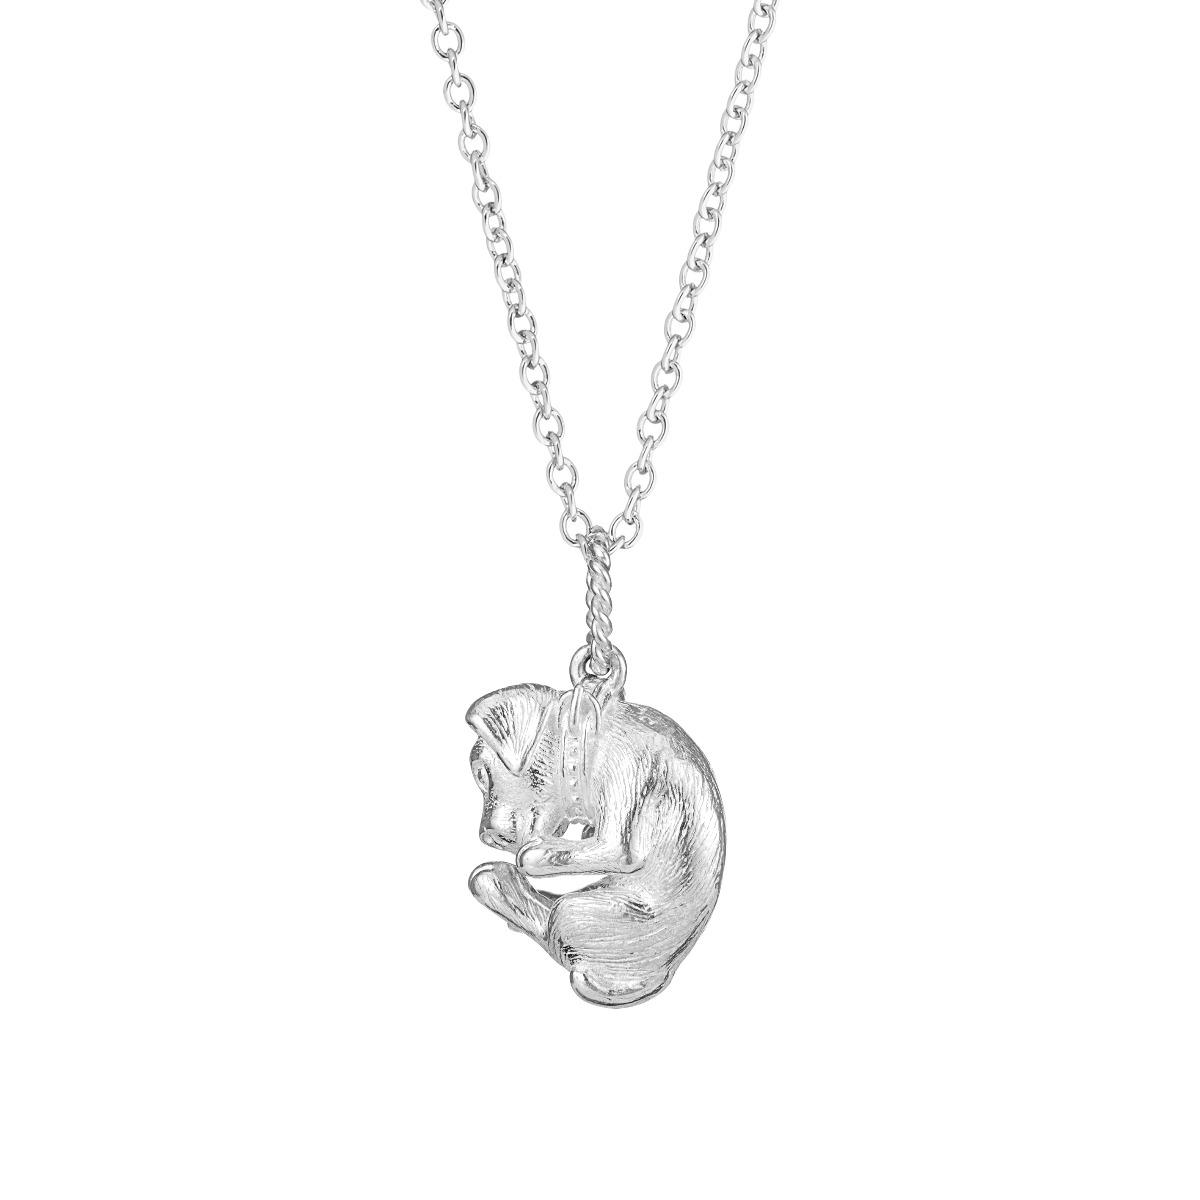 Chinese zodiac pendant necklace (dog)